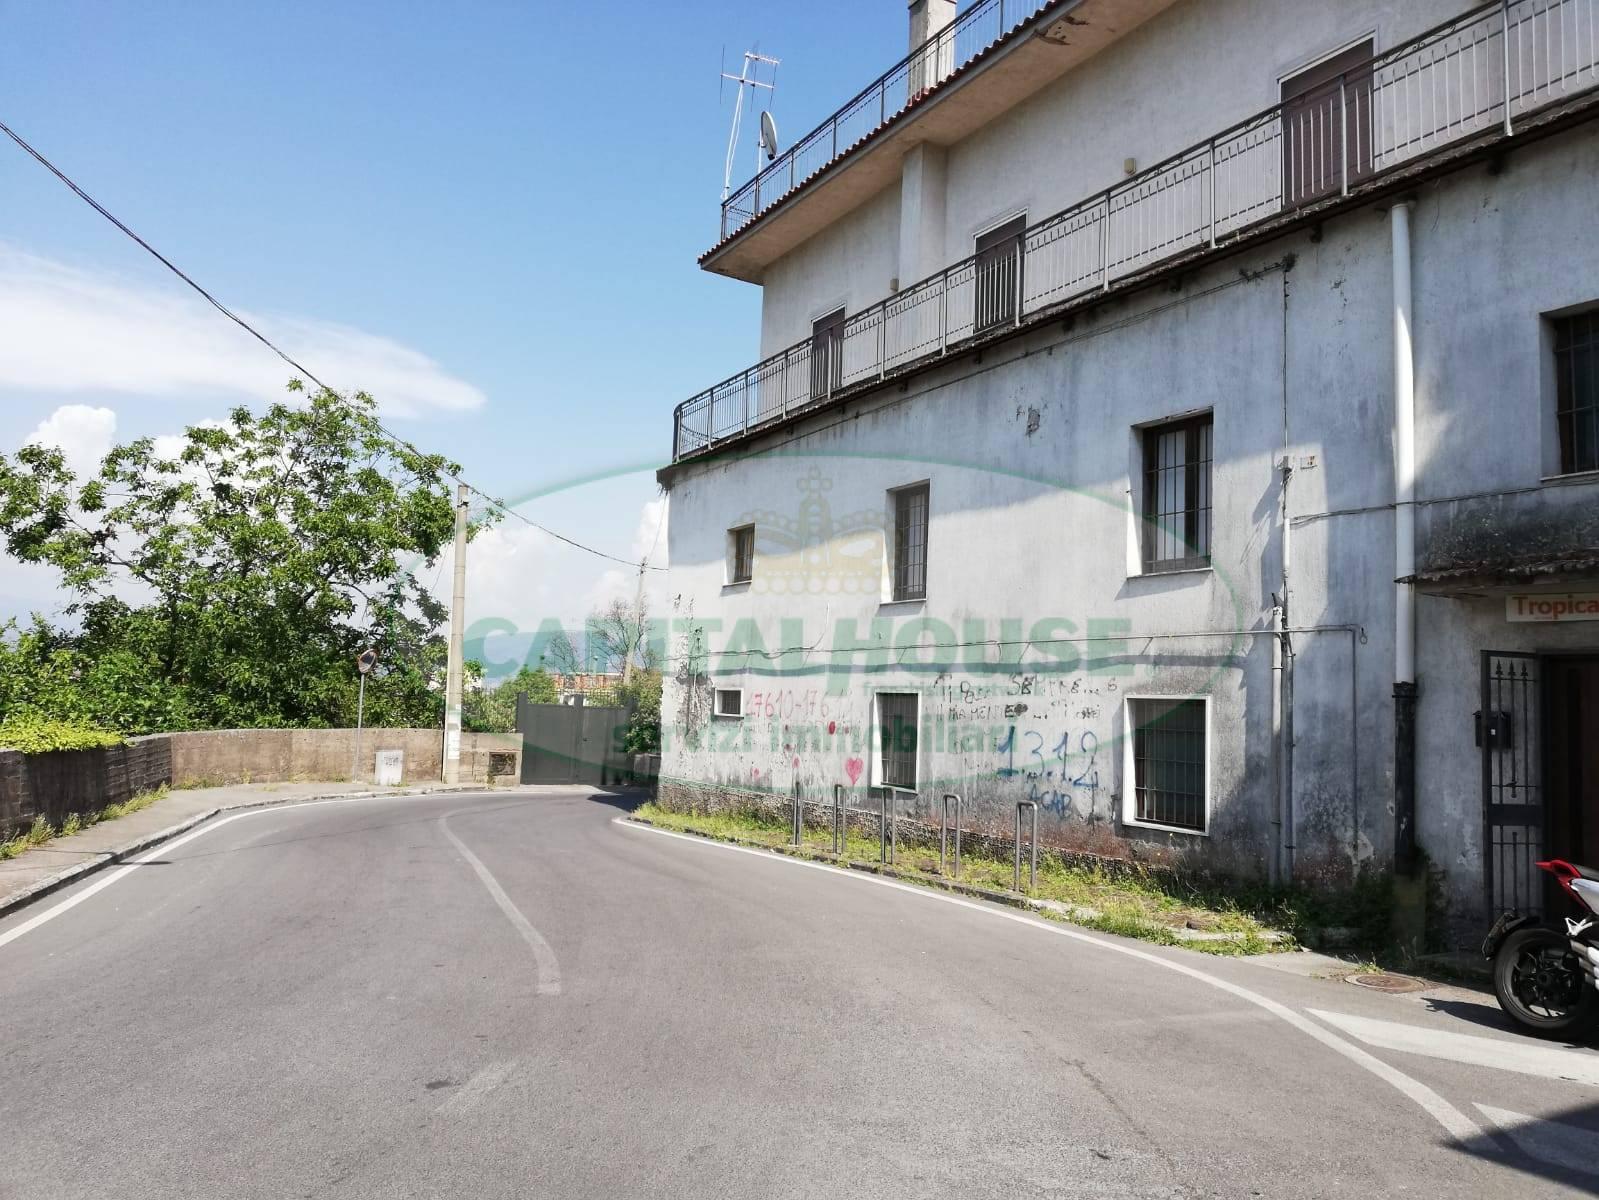 Soluzione Semindipendente in vendita a Ottaviano, 5 locali, prezzo € 189.000 | CambioCasa.it